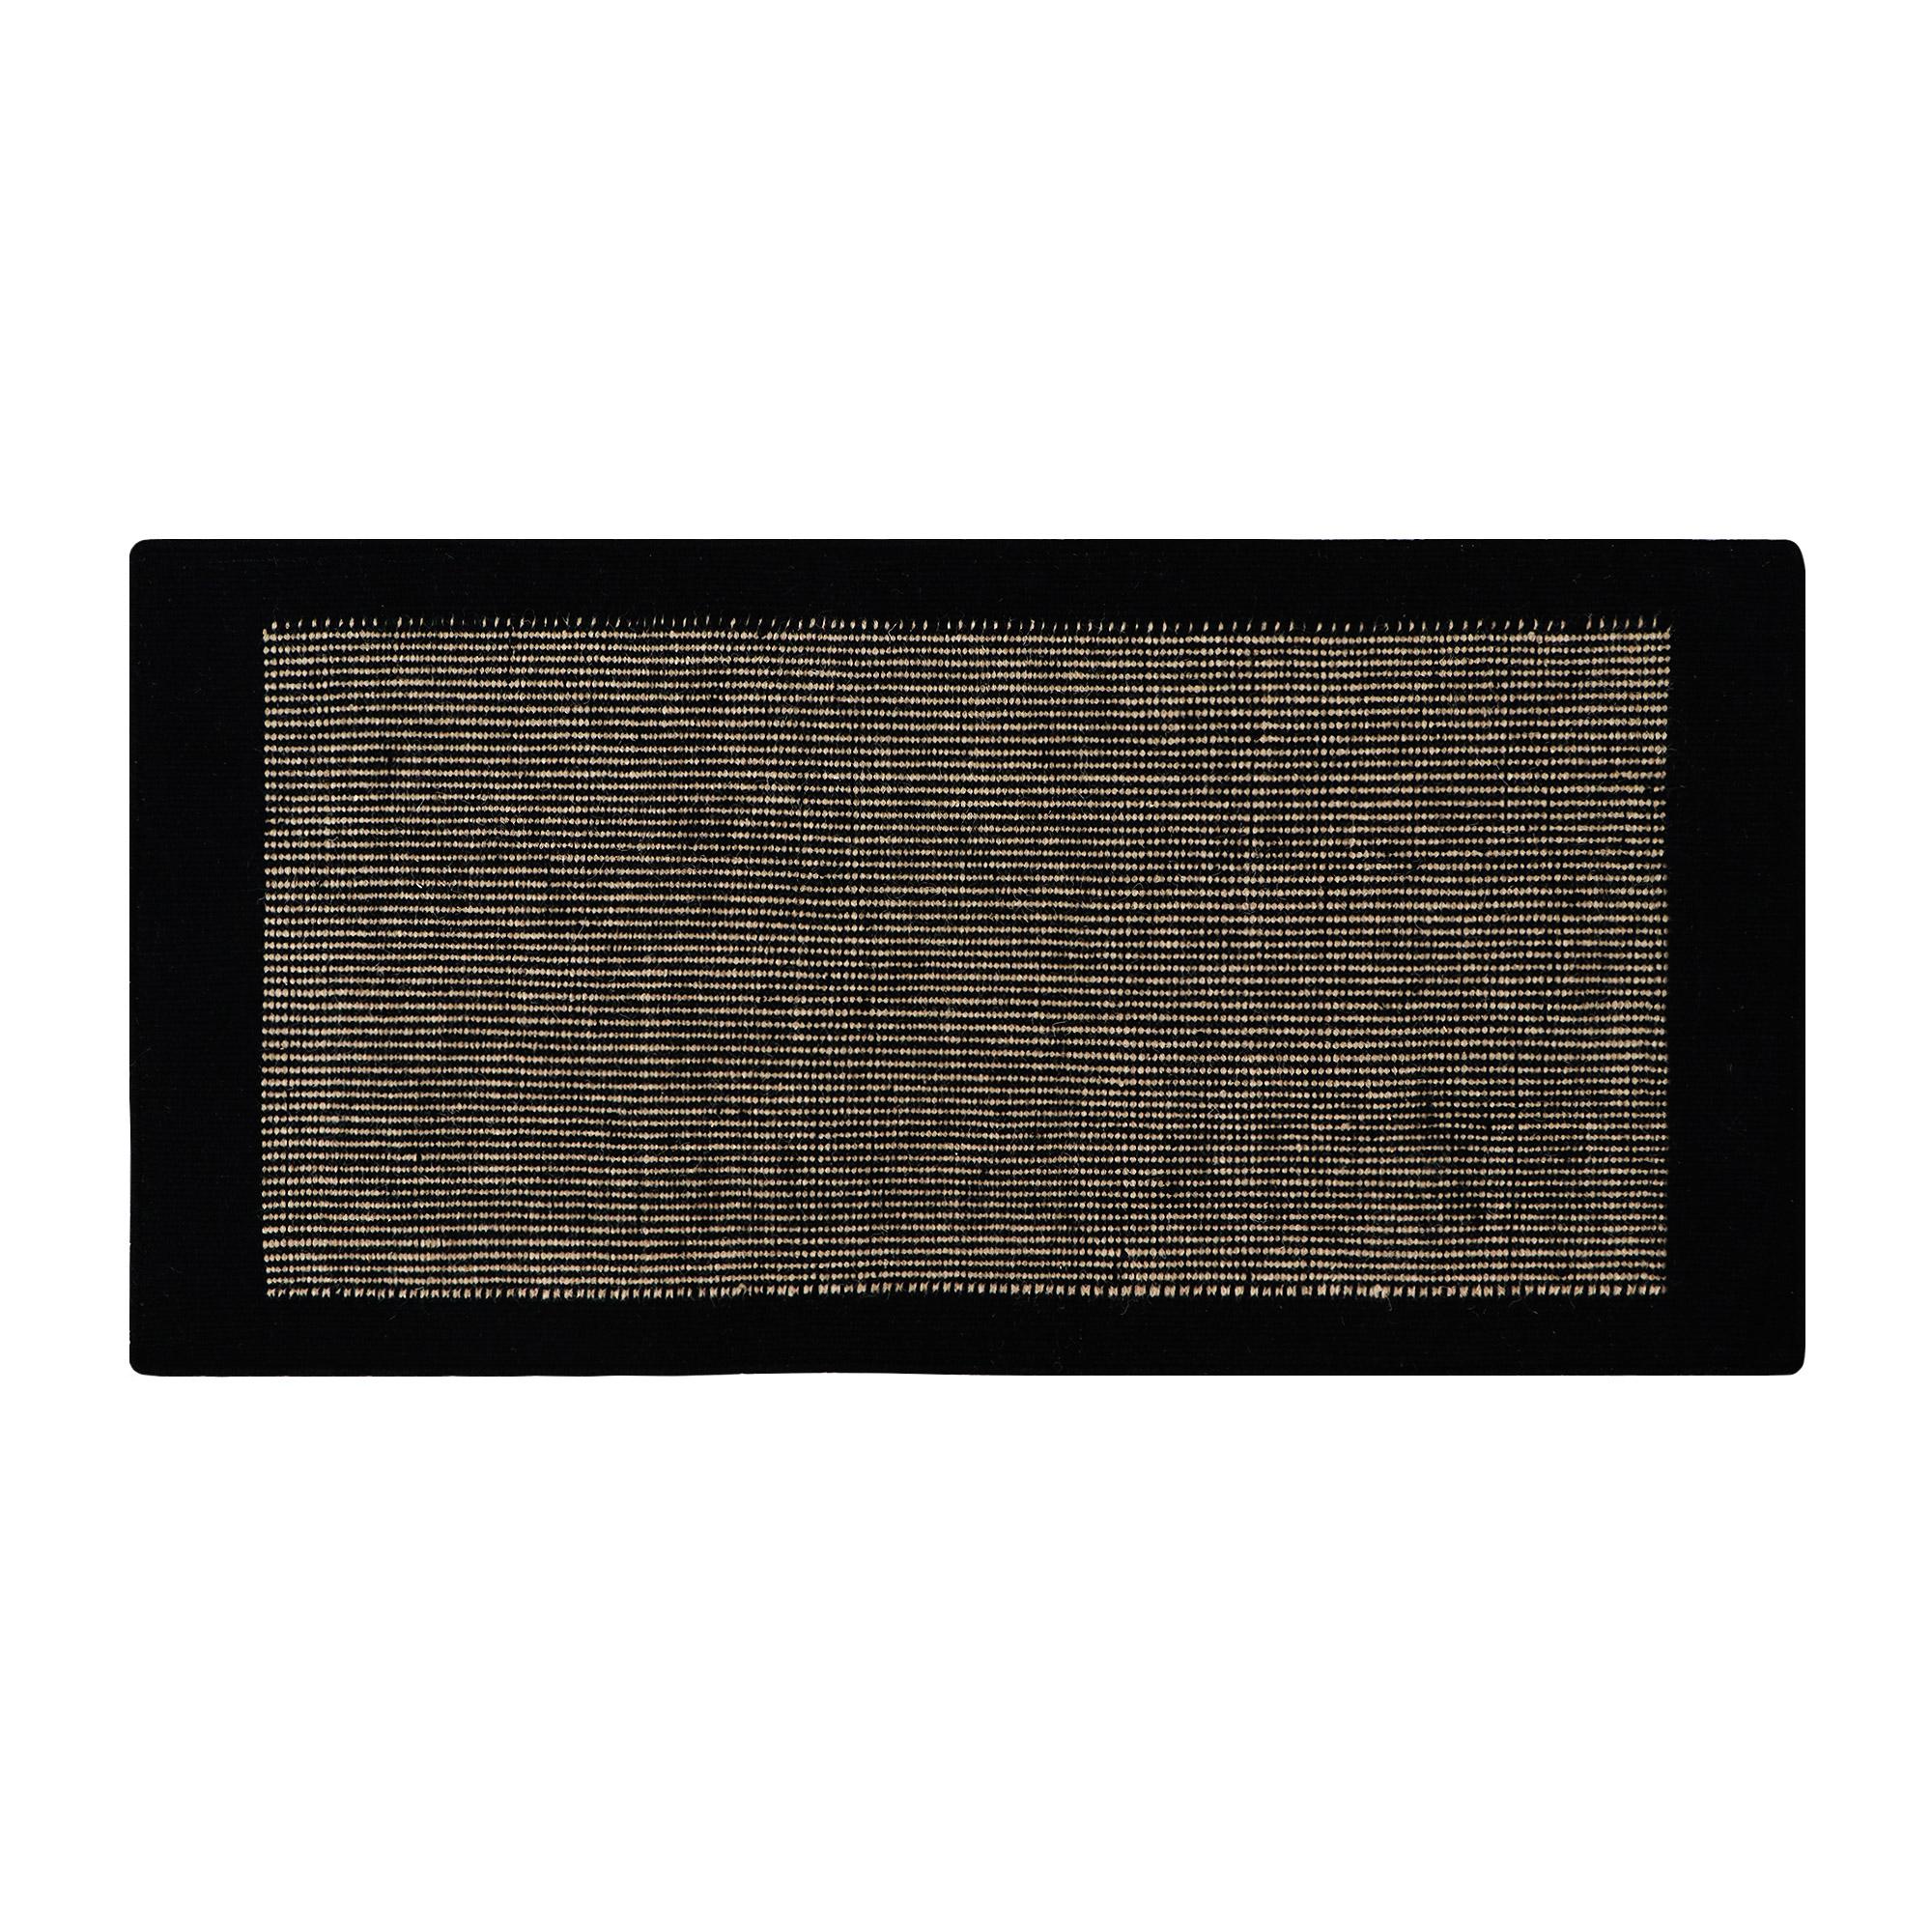 Фото - Коврик придверный черный/серый Abc jensen 70x140 коврик серый 80x50 abc la cucina zen